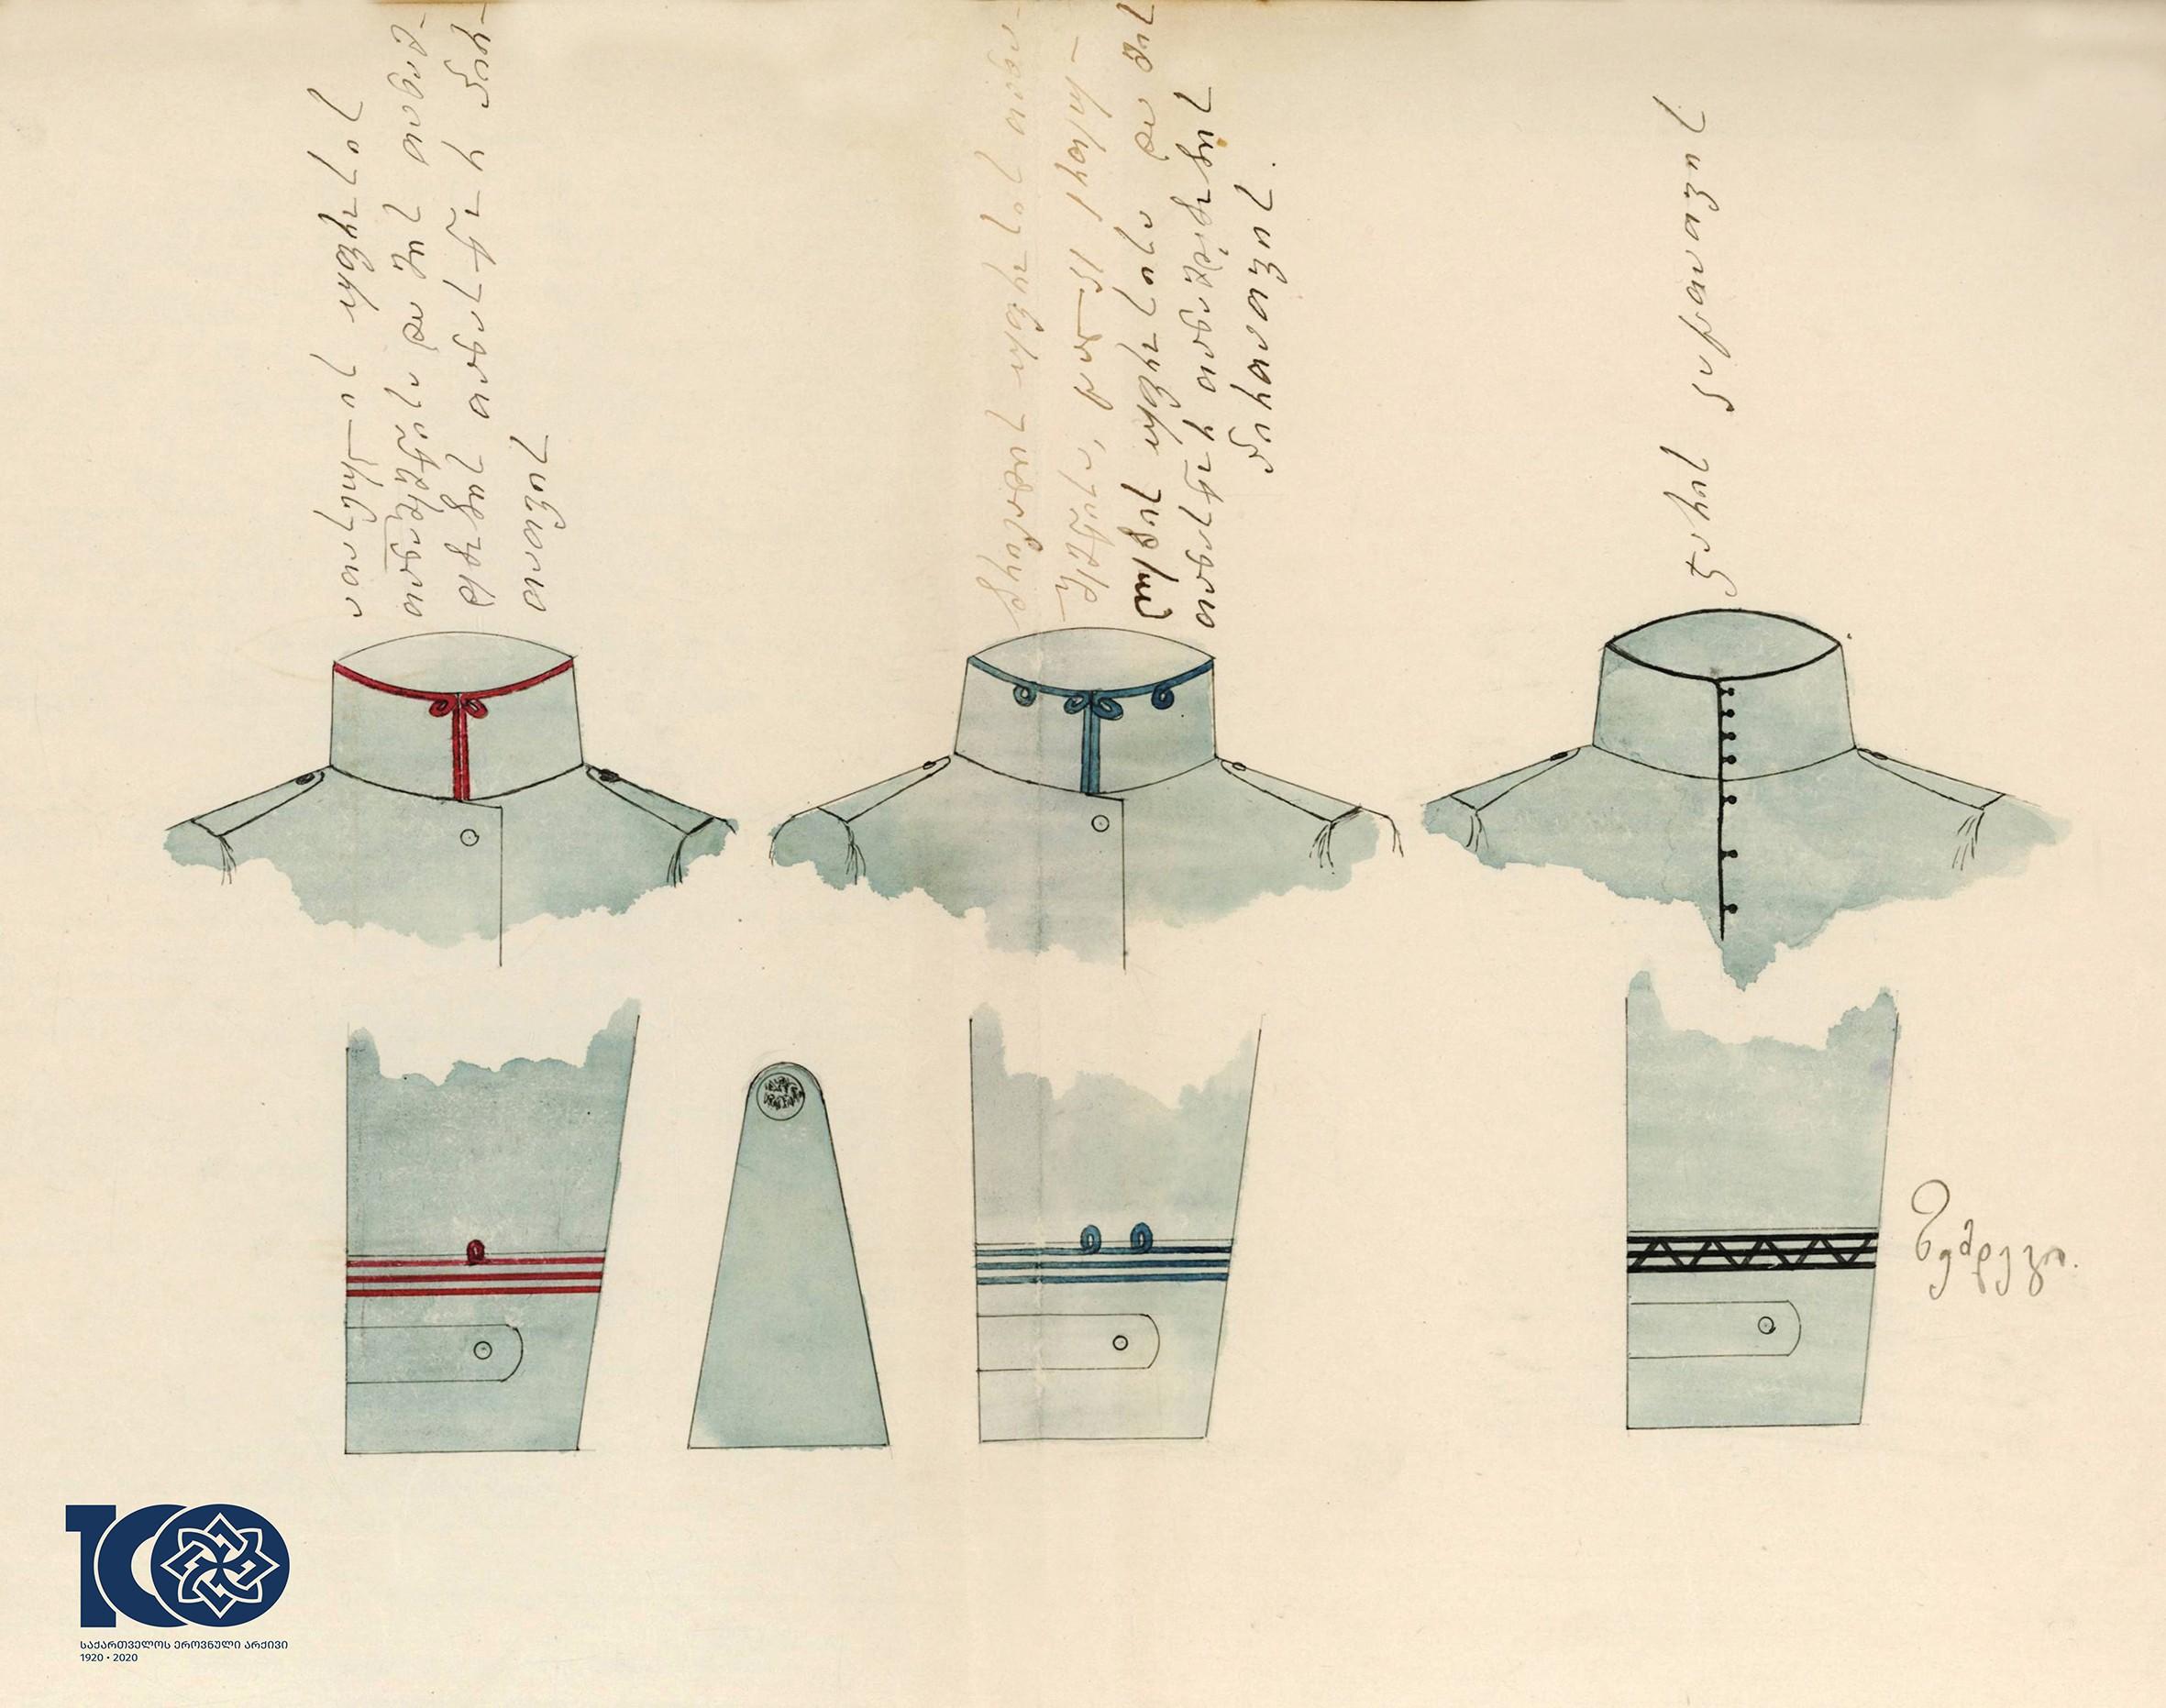 საქართველოს არმიის სამხედრო ფორმის ესკიზები. 1919 წელი <br> Military uniform sketches of the Georgian Army. 1919